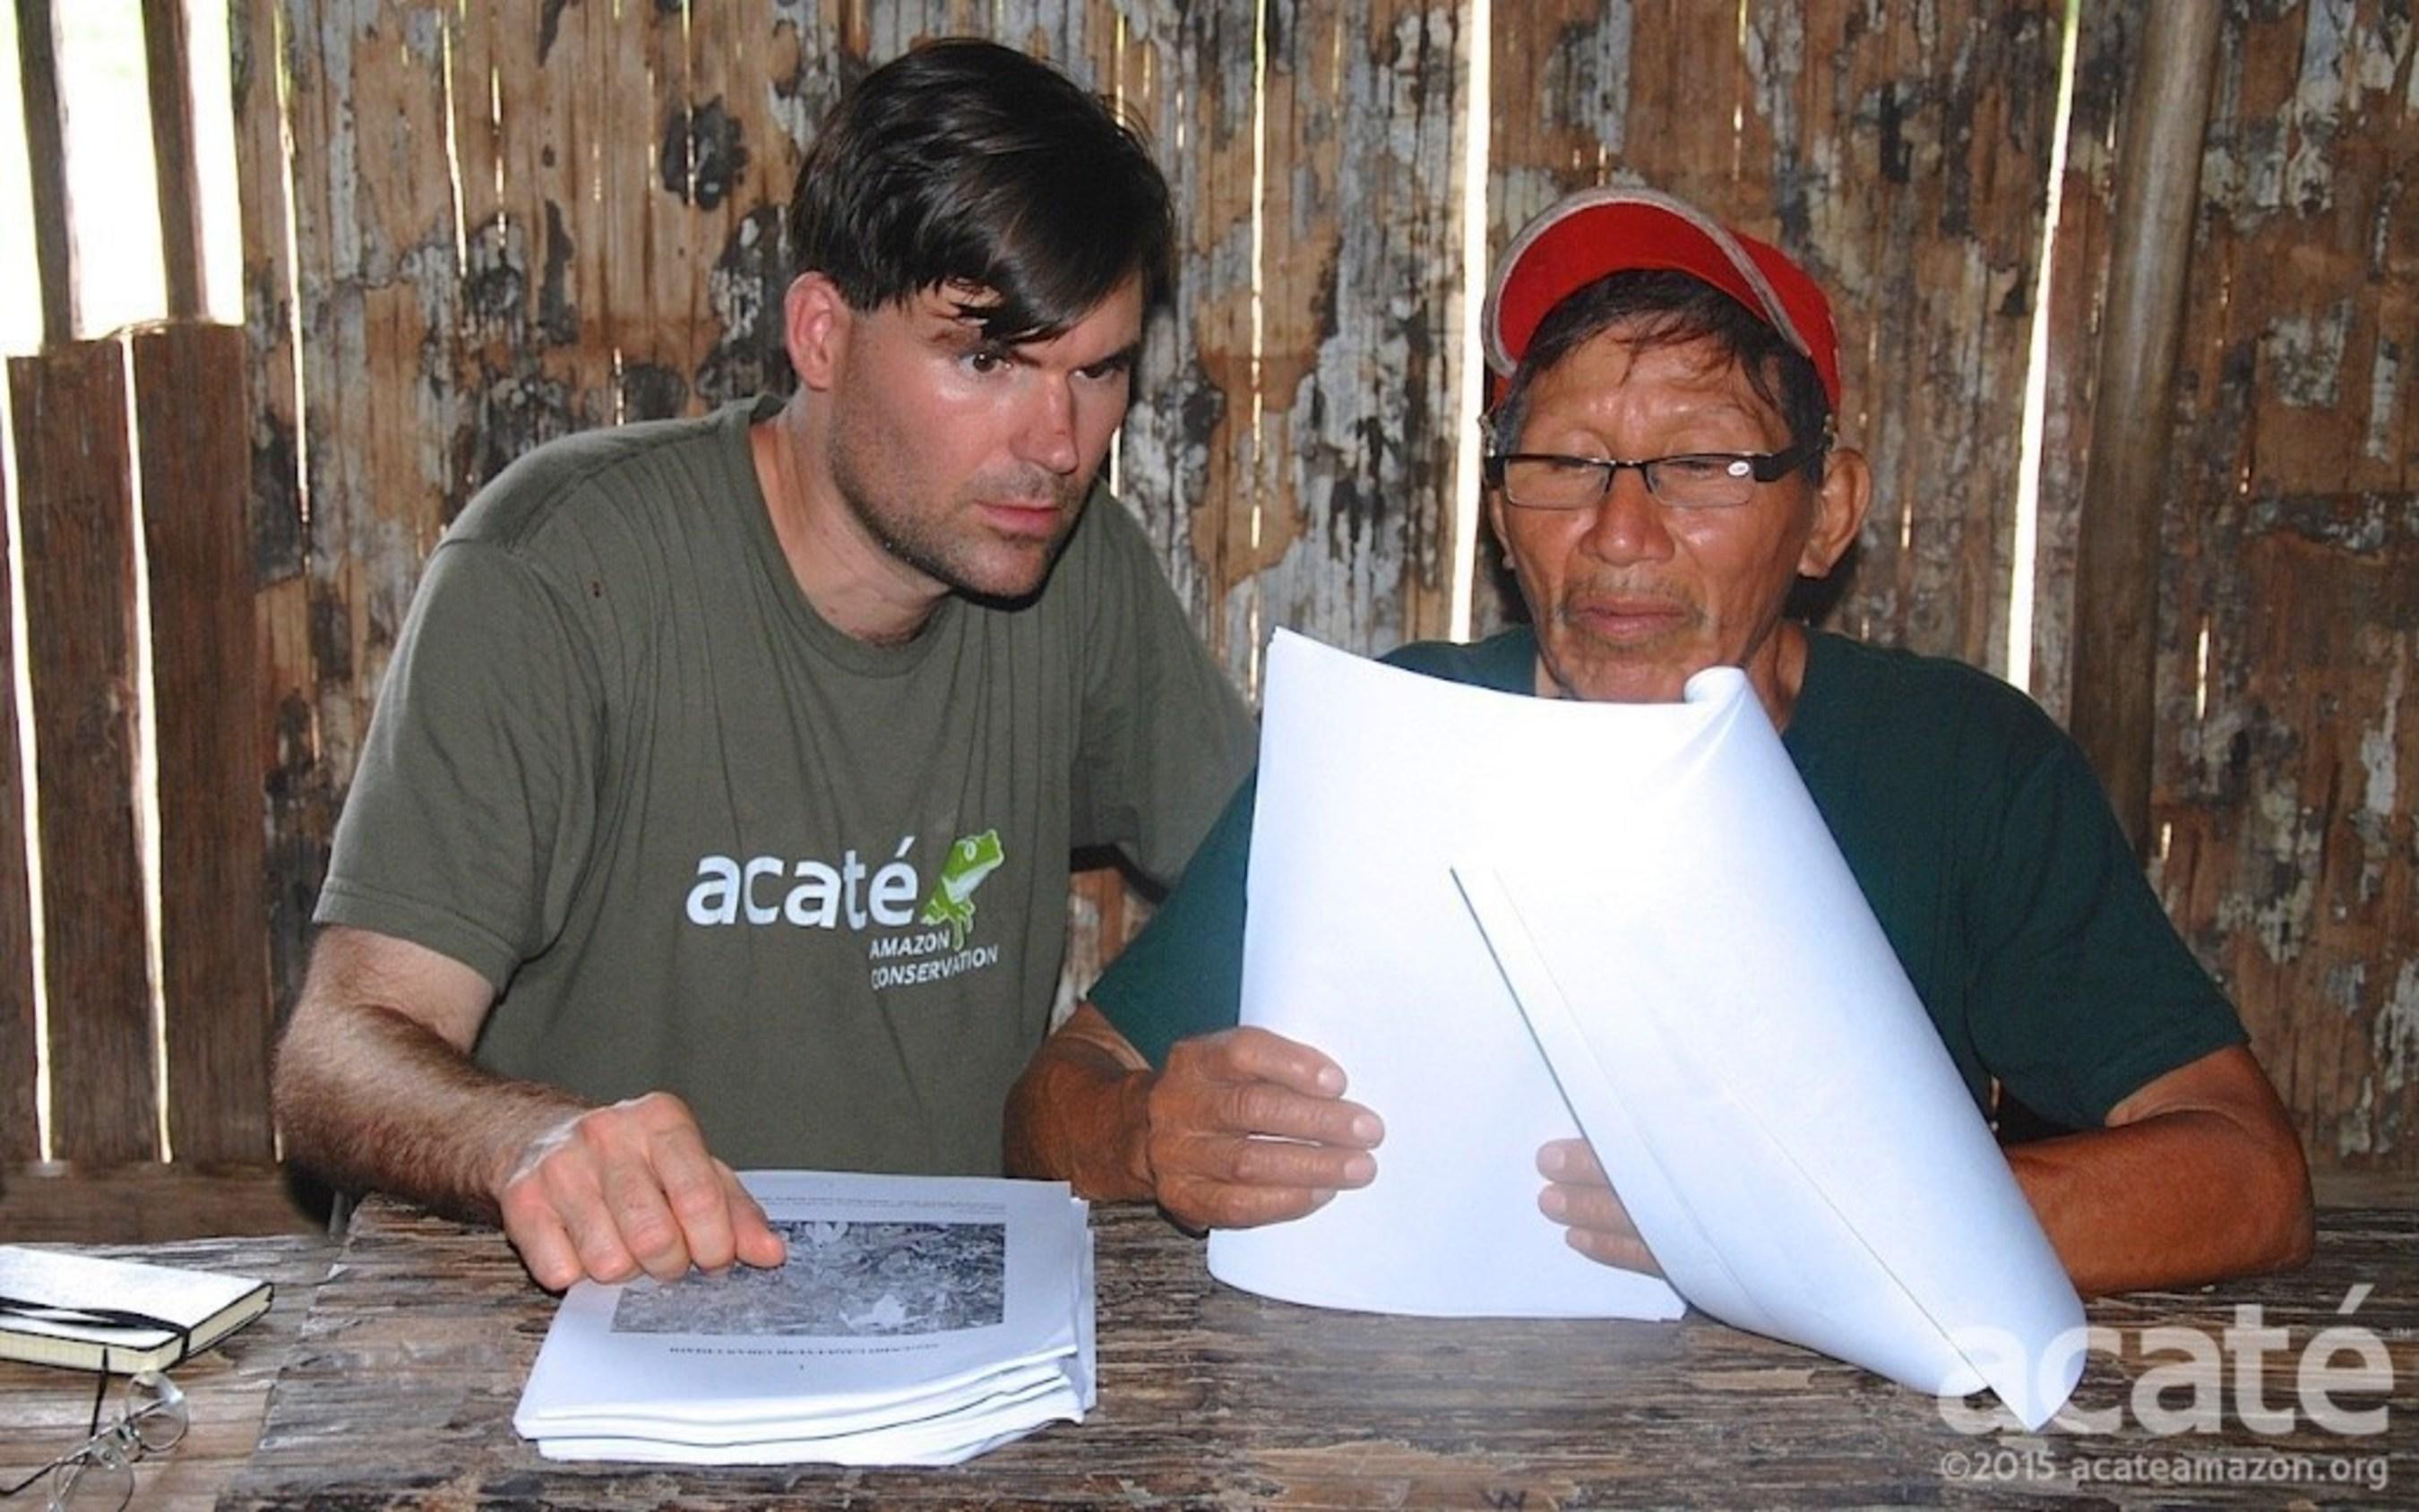 Matses shaman Arturo & Dr. Herndon of Acat� review encyclopedia drafts